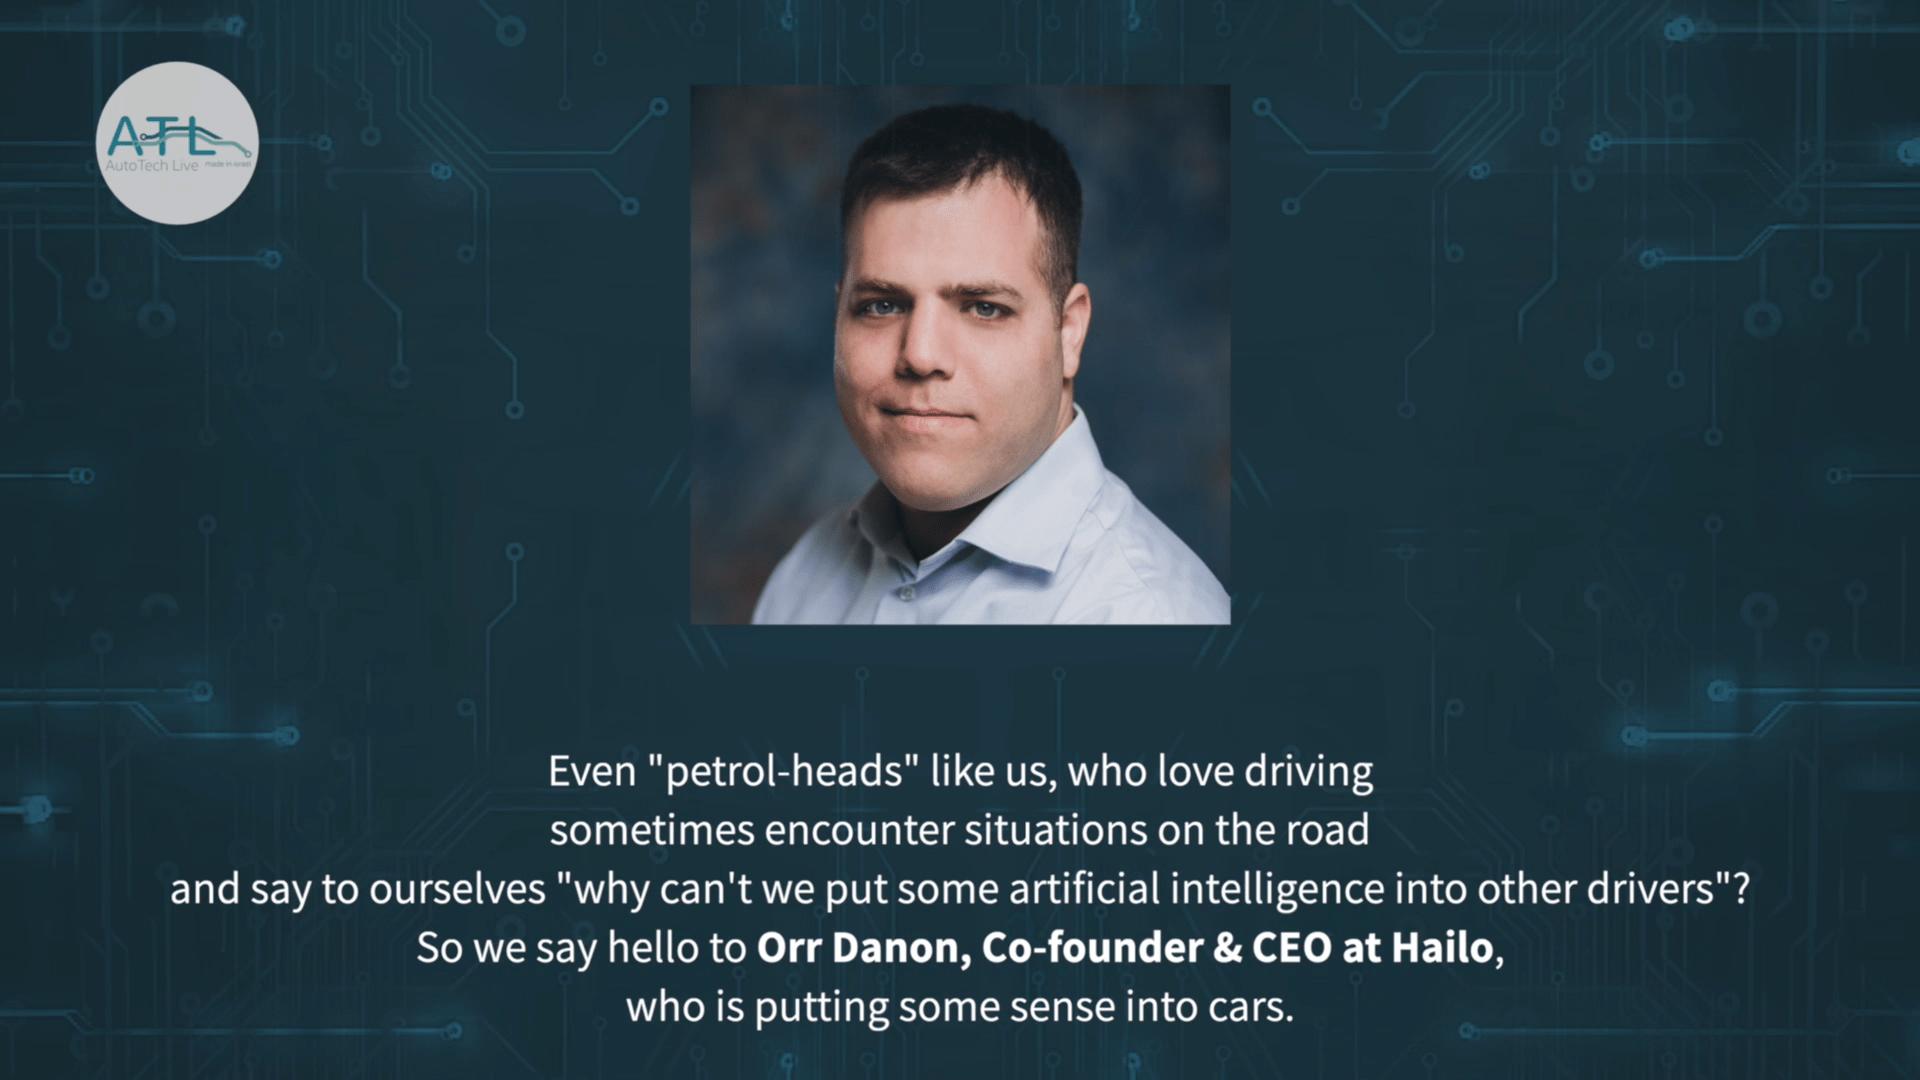 Orr Danon, CEO at Hailo